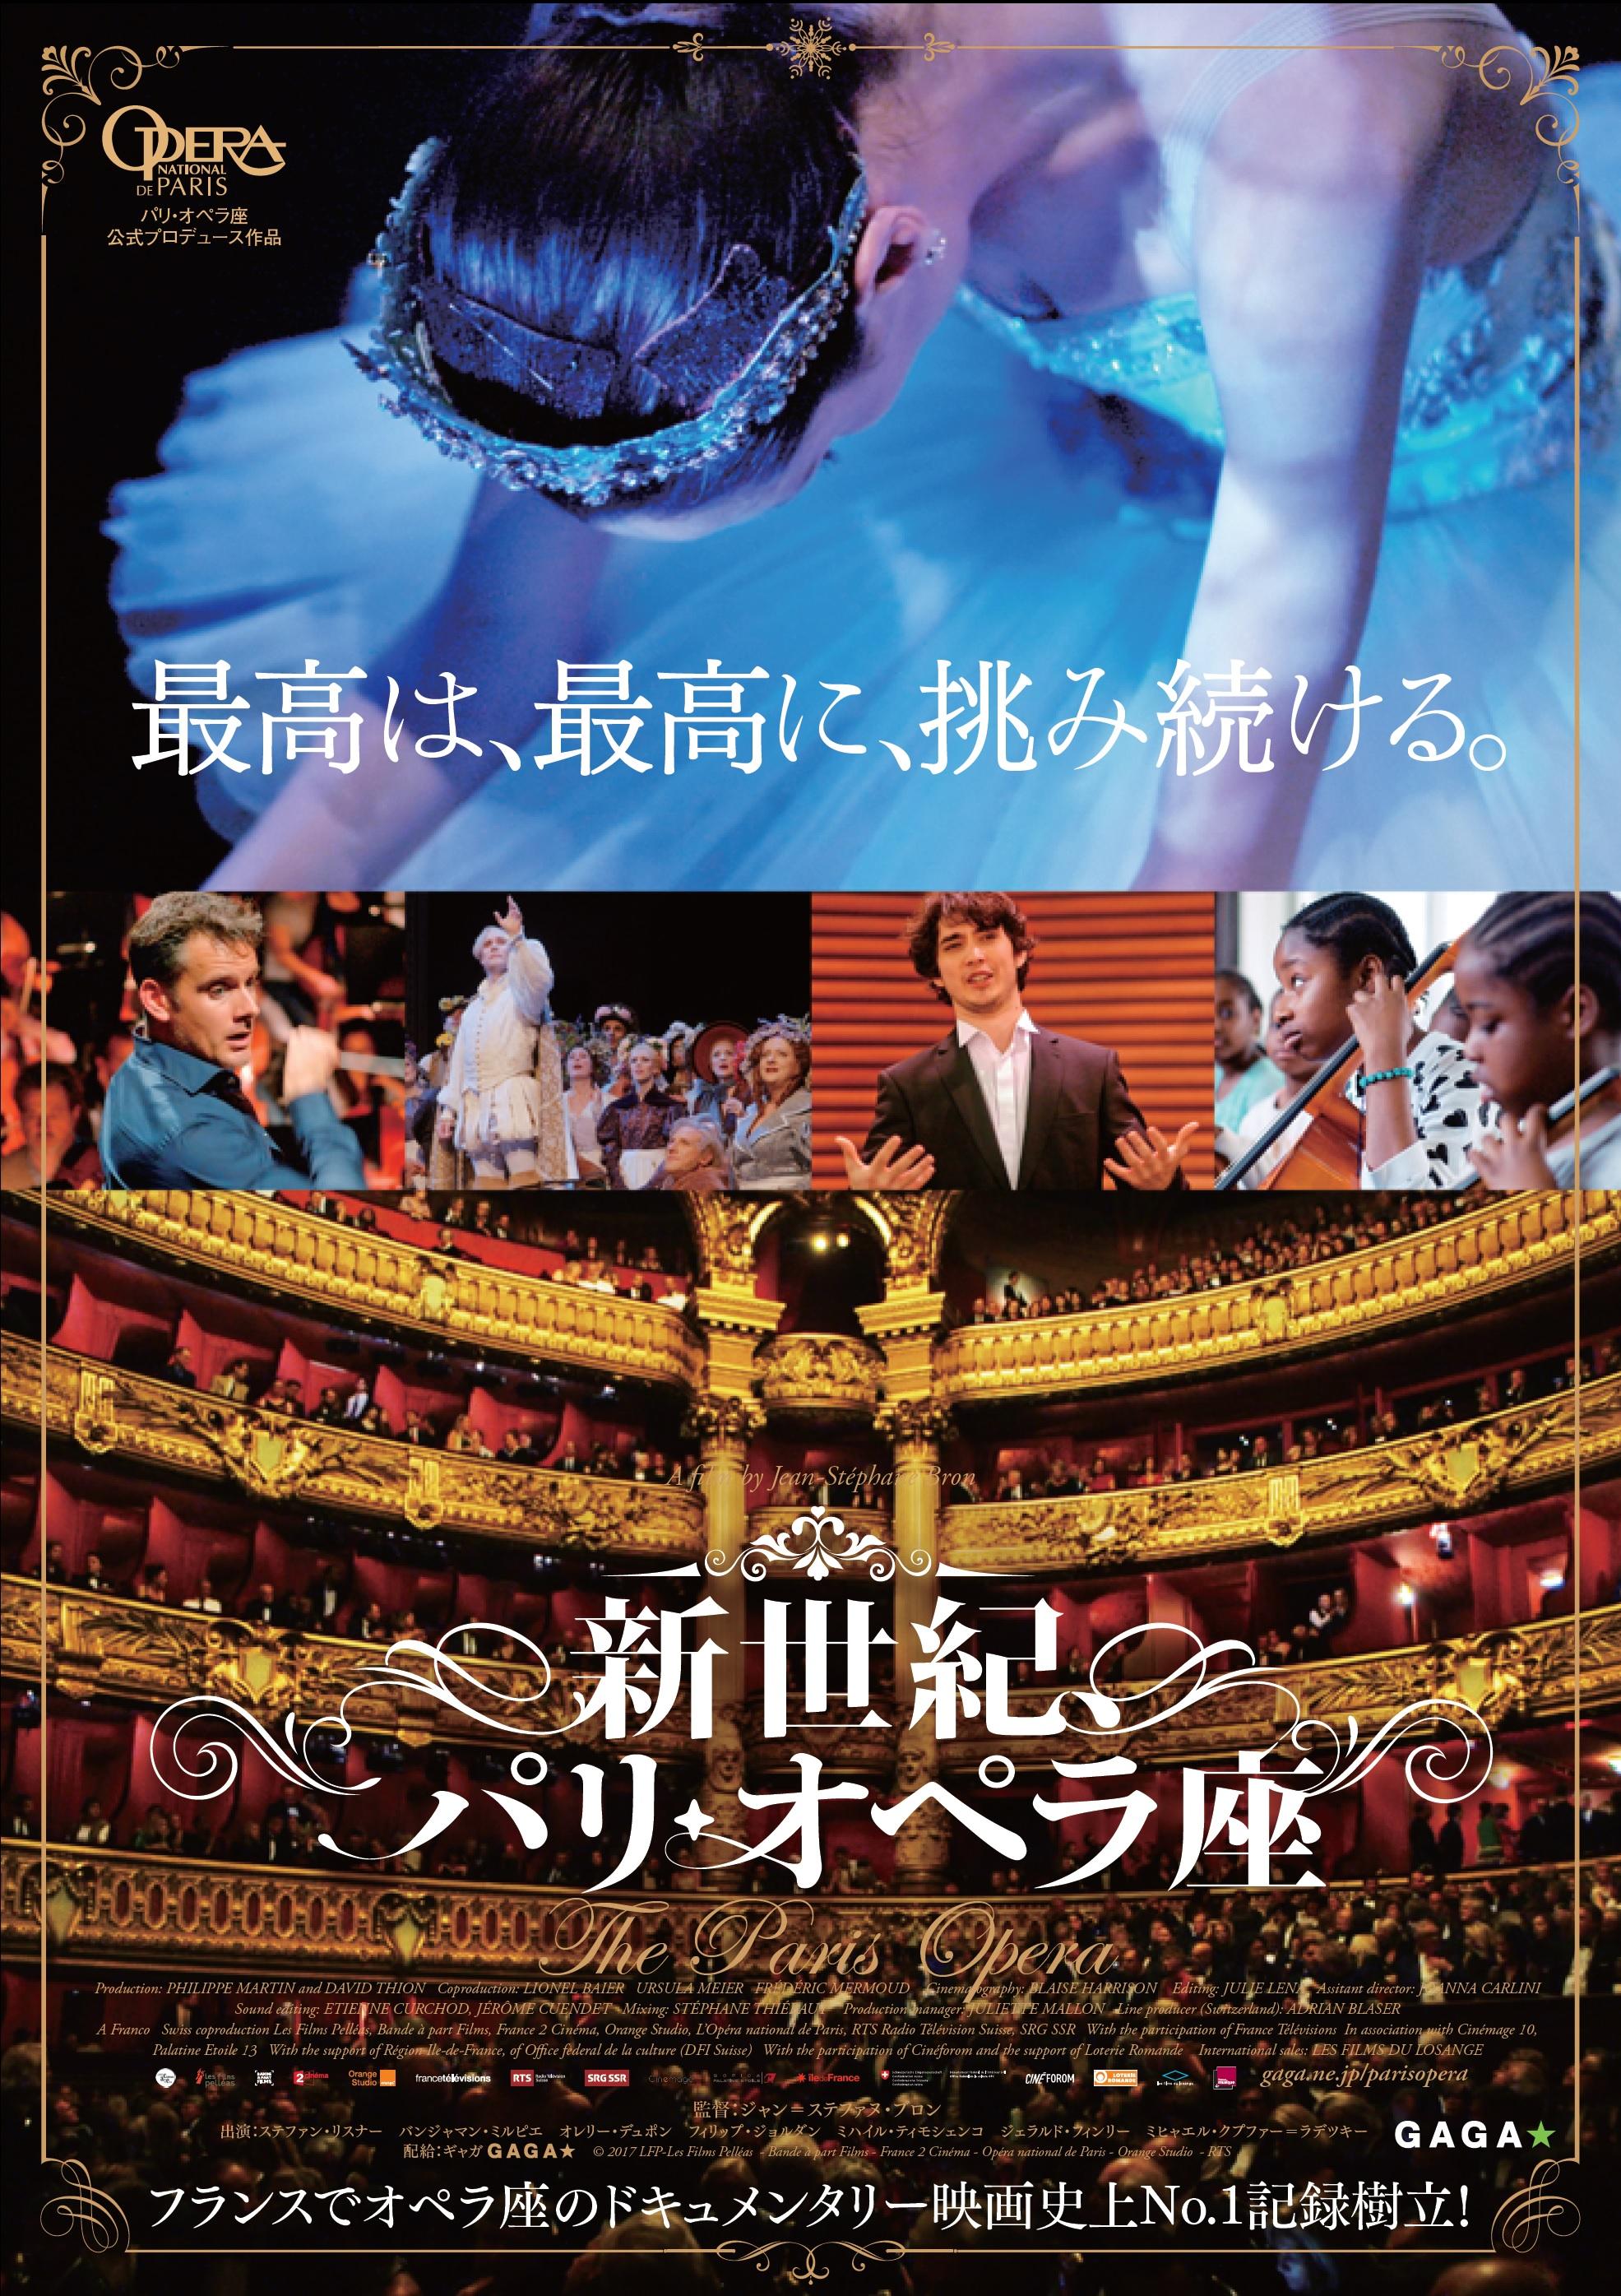 人は何故、極限に挑むの!?『新世紀、パリ・オペラ座』【今週のおすすめ映画】